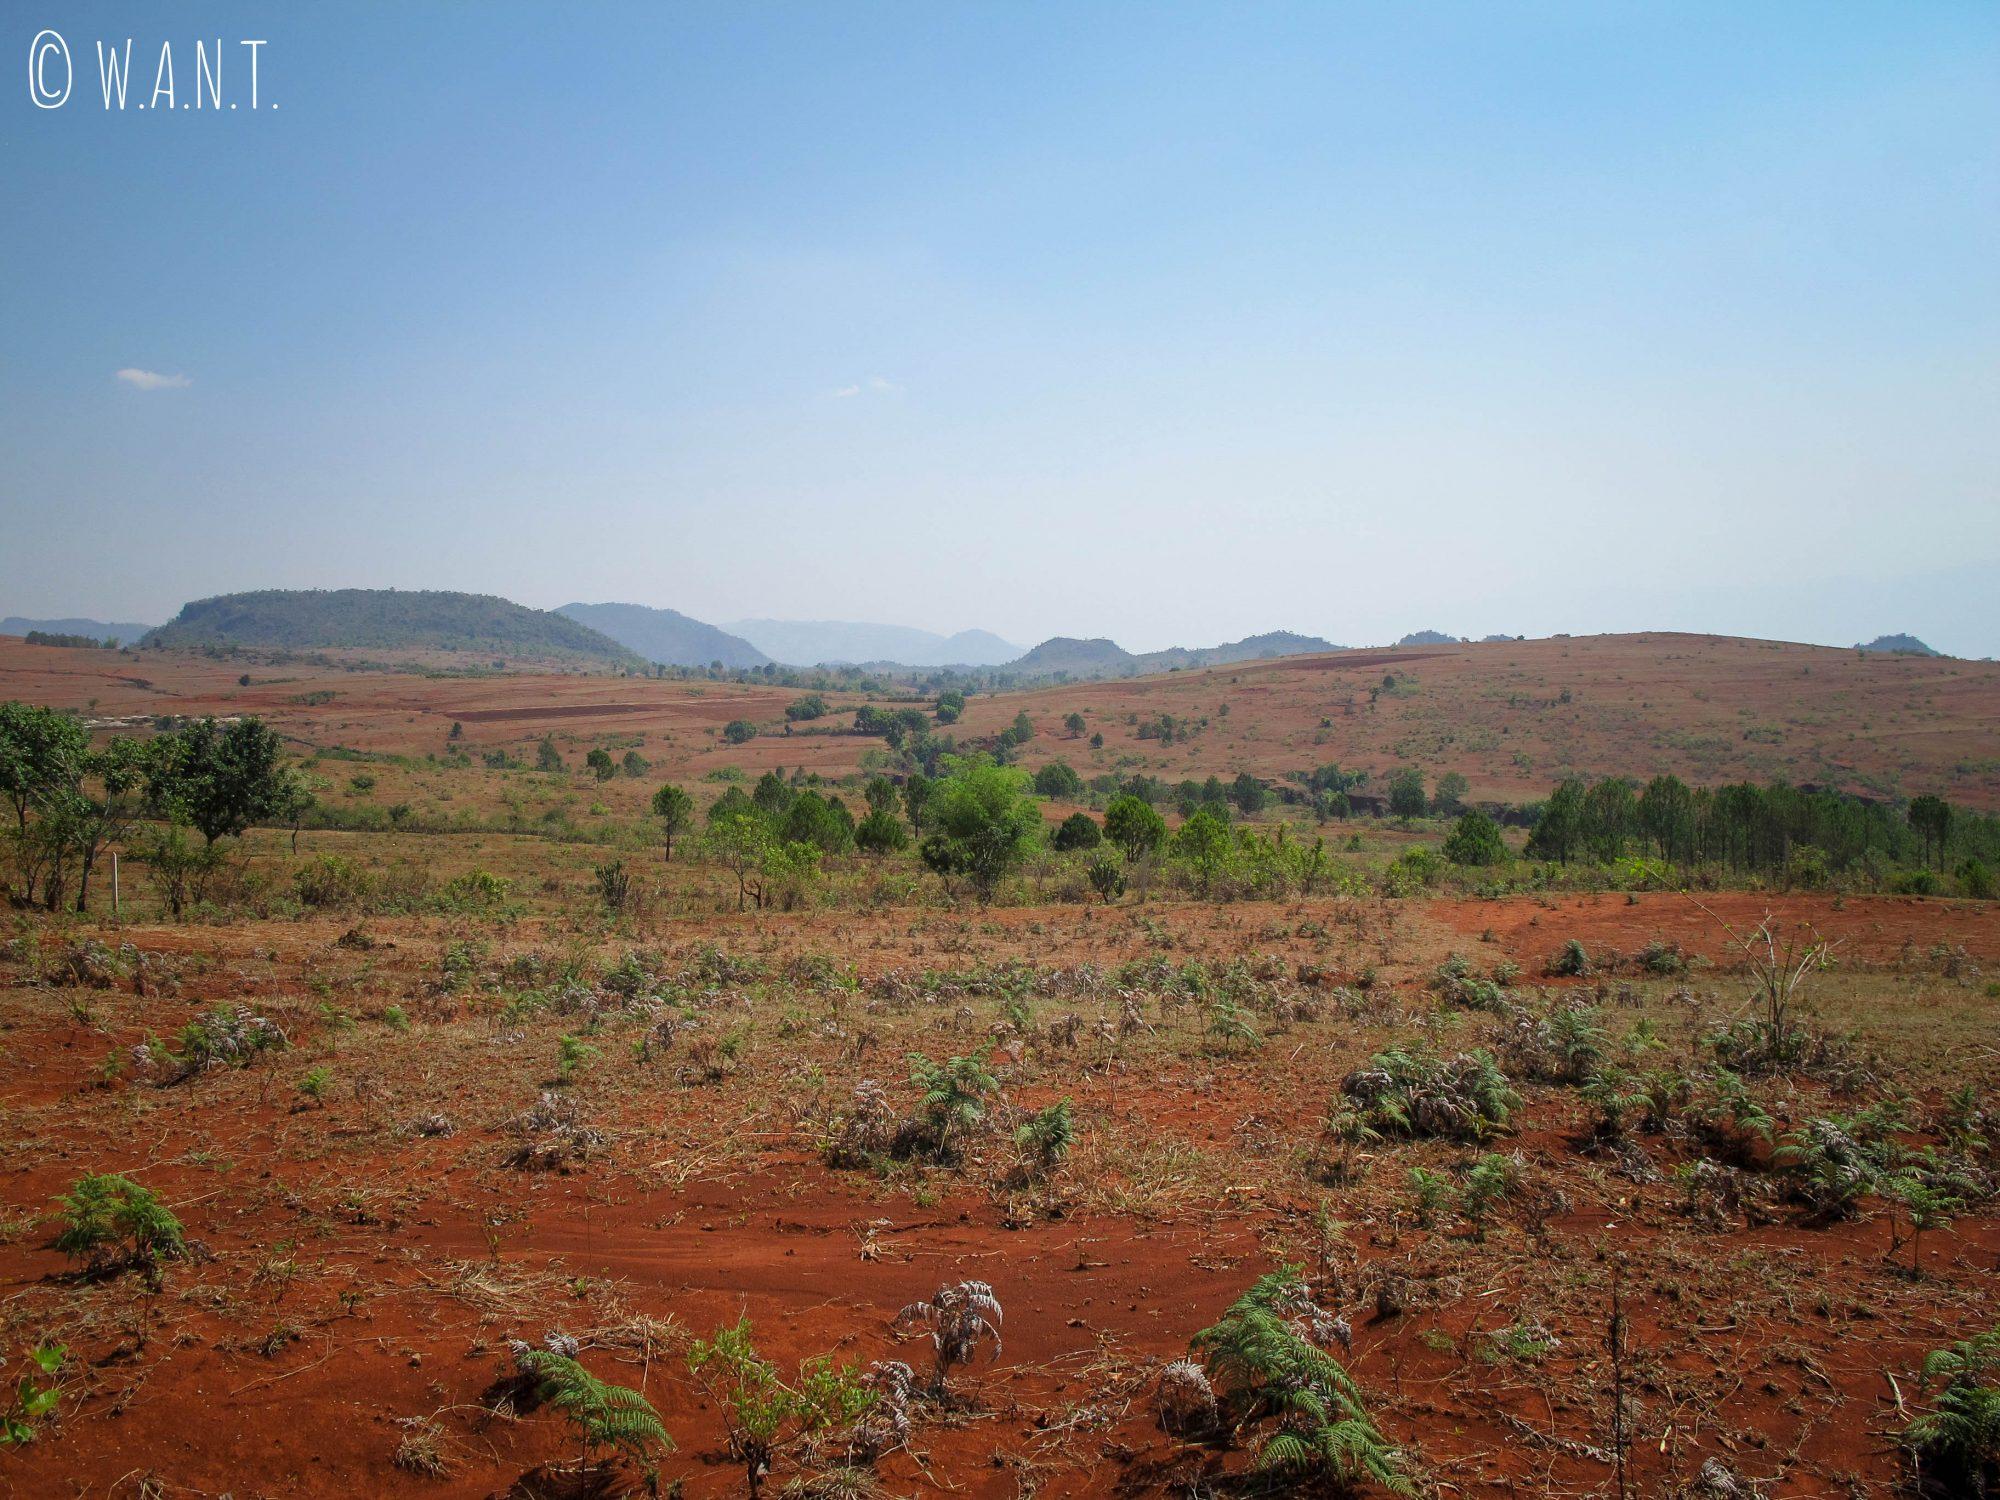 La terre rouge battue est caractéristique de cette dernière partie du trek